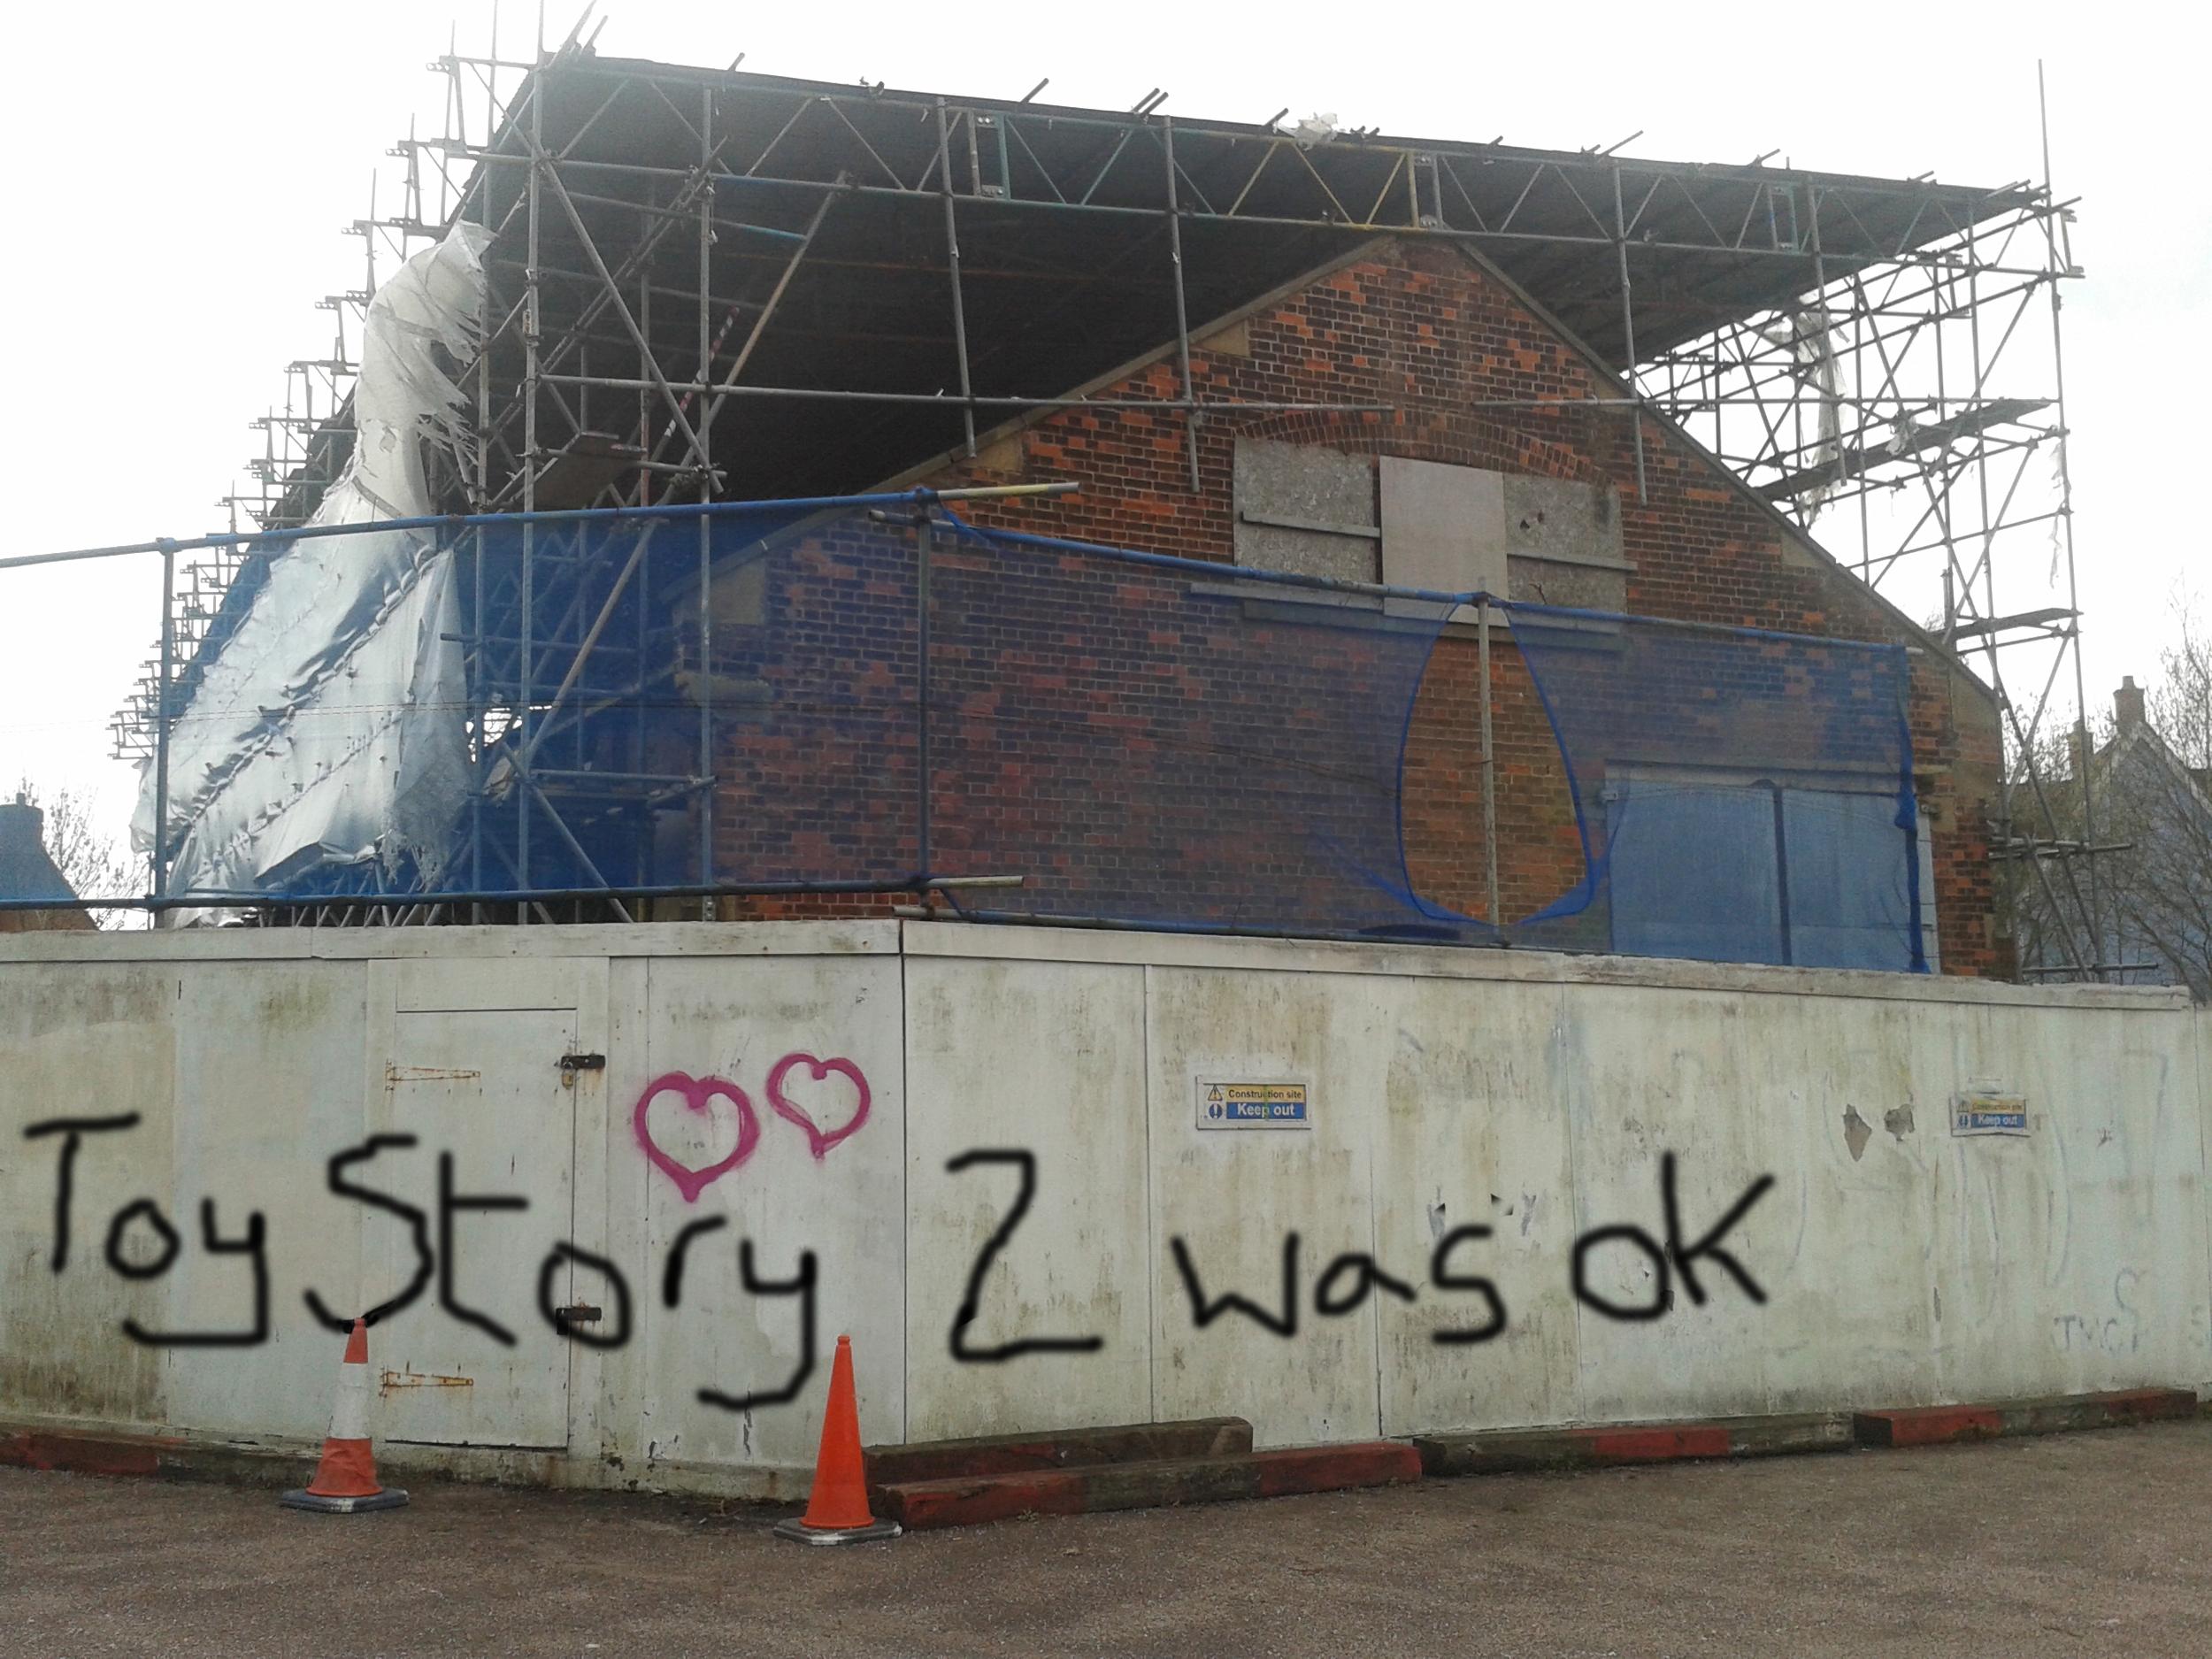 Bnaksy Toy Story